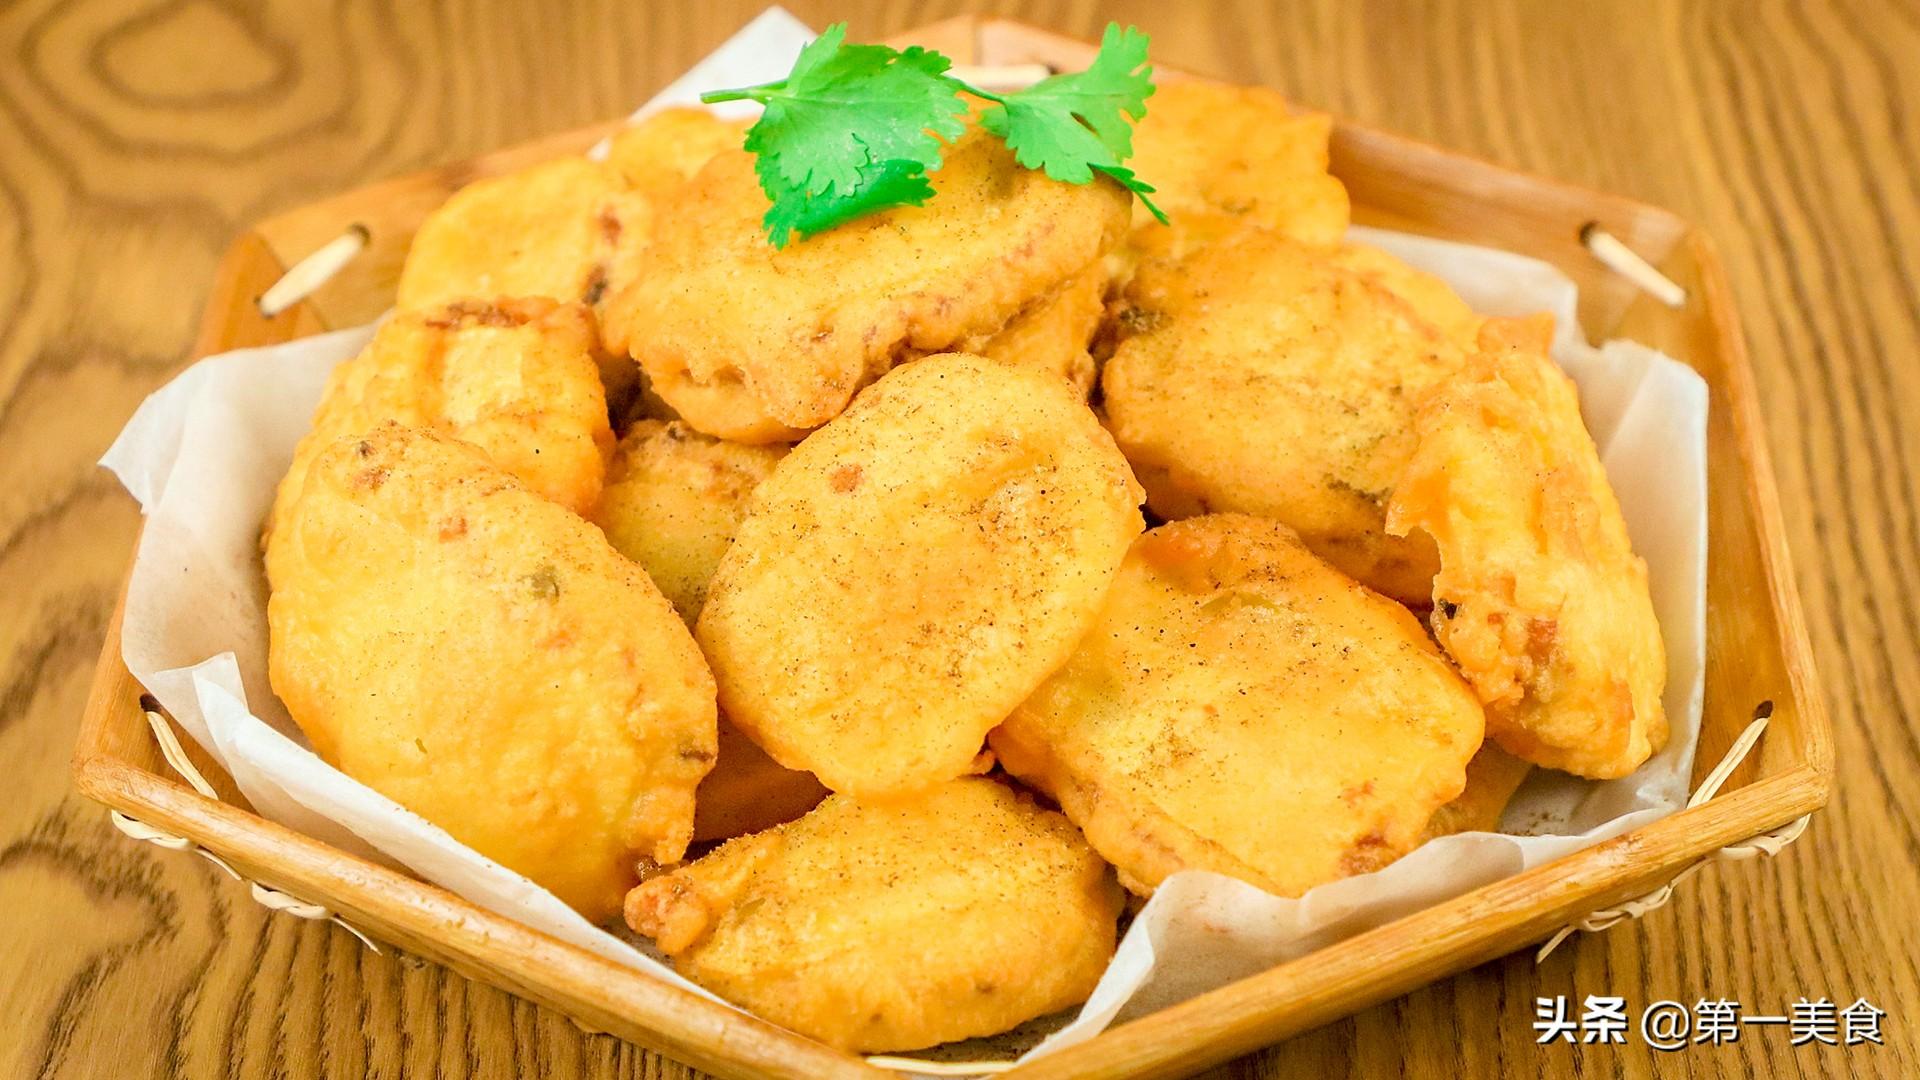 """土豆新吃法 厨师长分享""""椒盐土豆夹"""" 多做这一步 金黄焦香"""